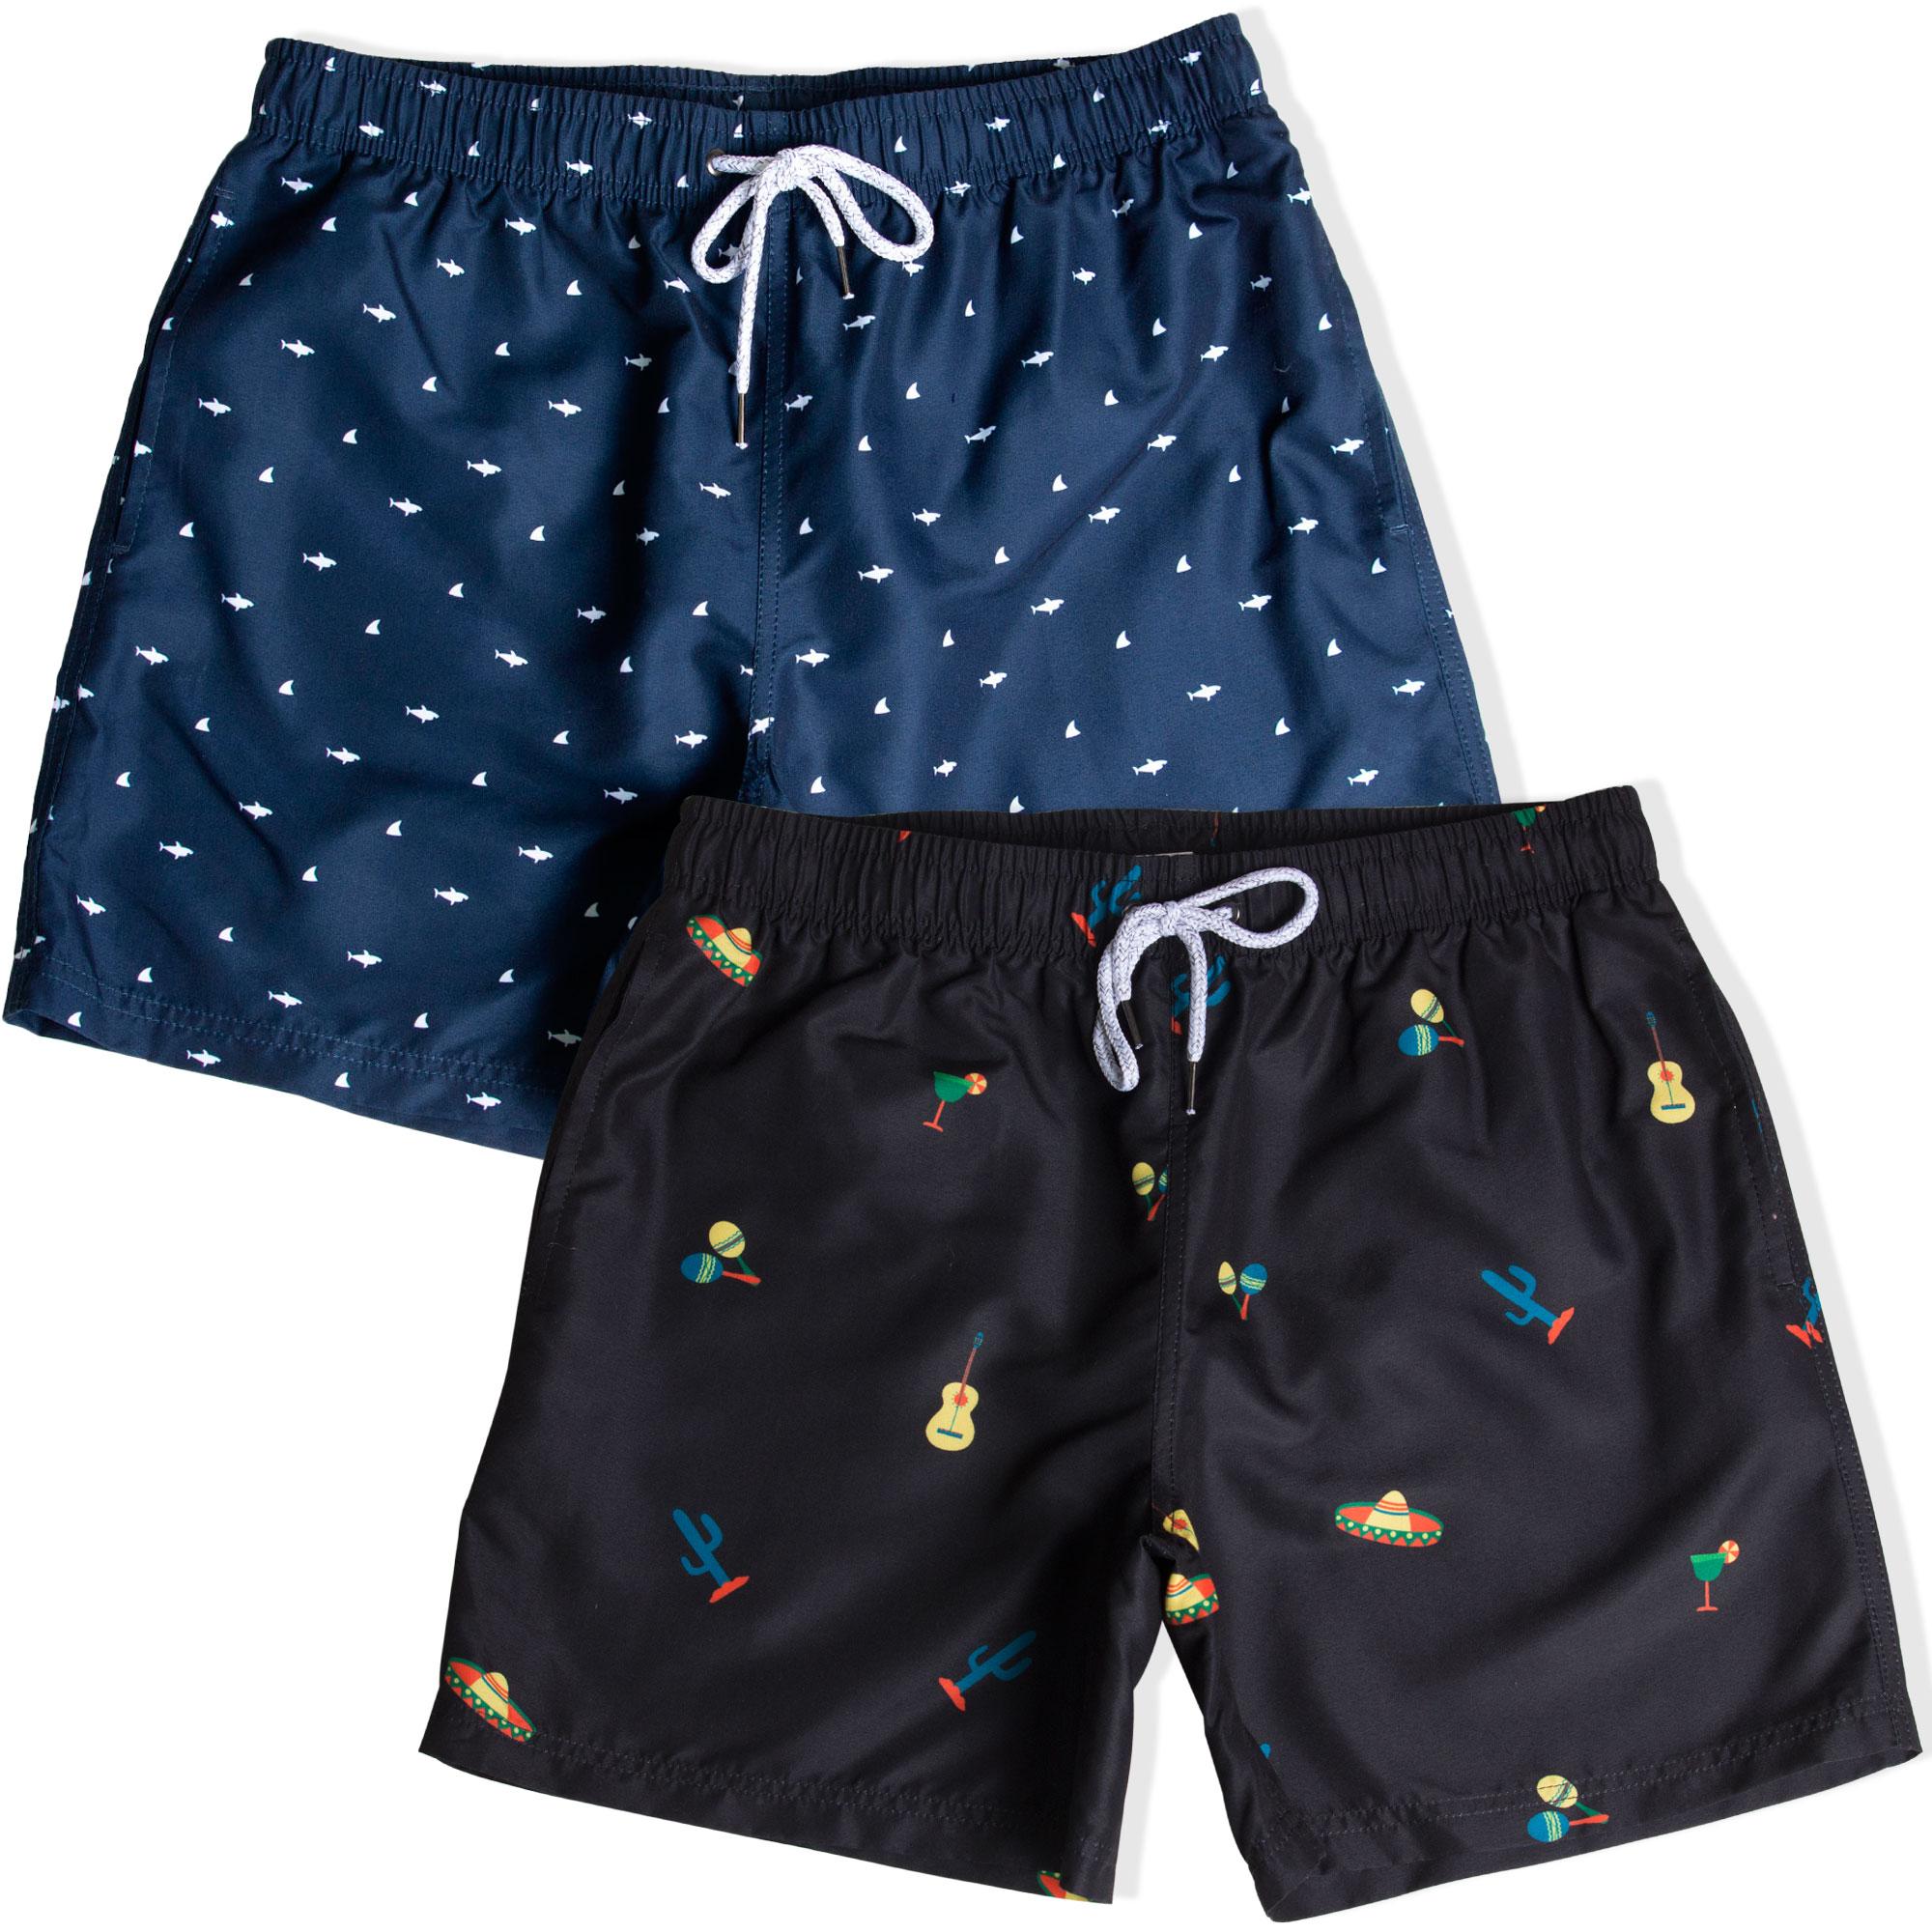 Girls Marine Blue Board Shorts